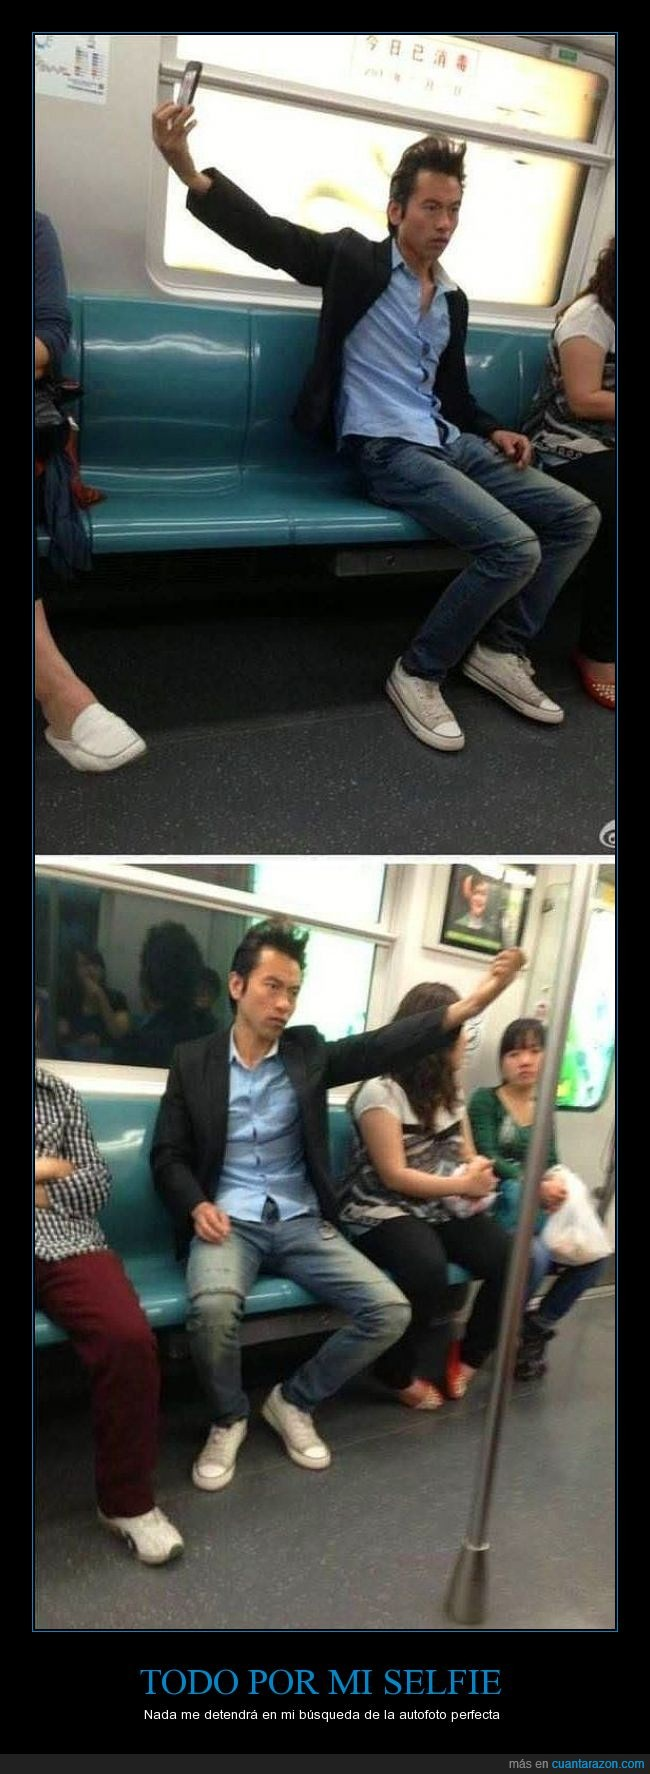 asiatico,brazo,chico,chino,cresta,disimular,estirar,japones,metro,rockabilly,rockero,selfie,tupé